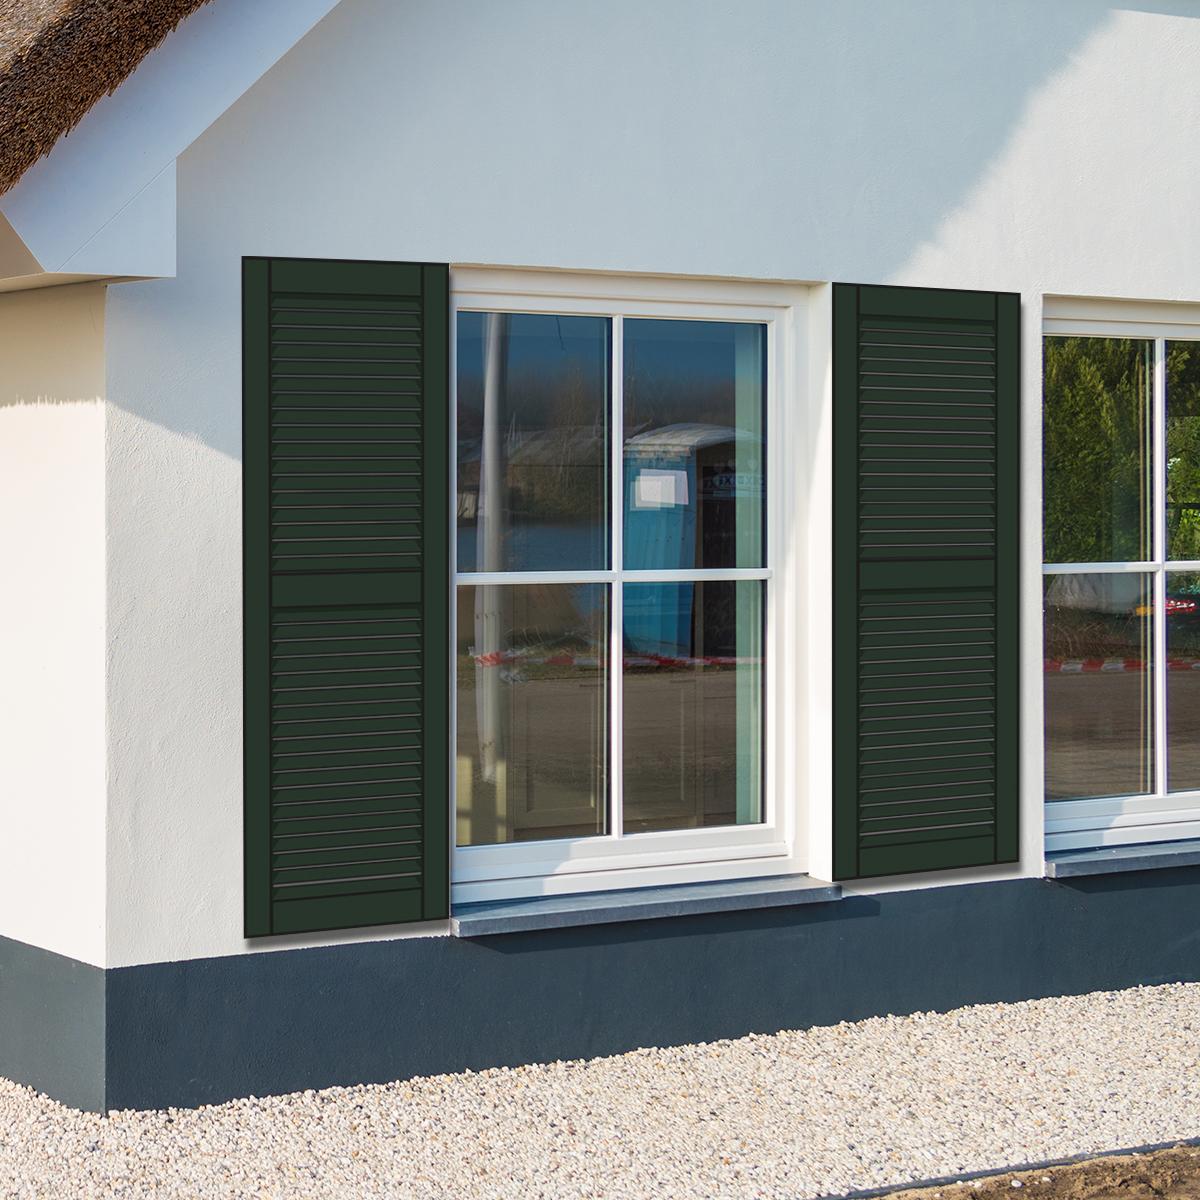 huis met groene louvre luiken